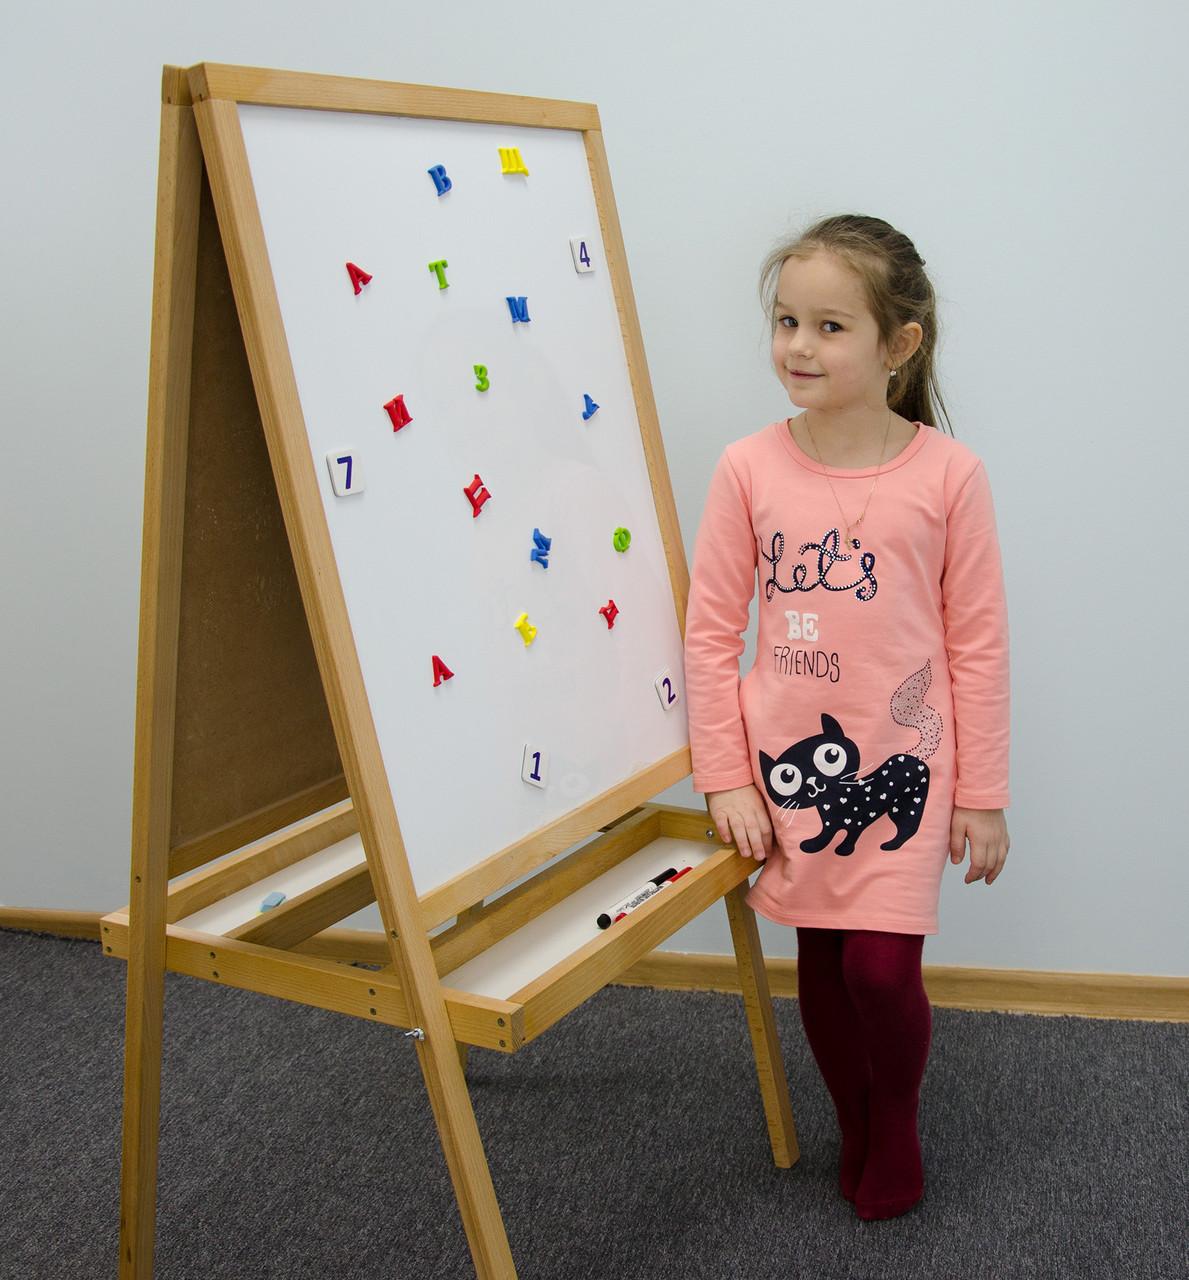 Мольберт дитячий Юніор 125 див. магнітний, двосторонній. Дошка для малювання. РК20